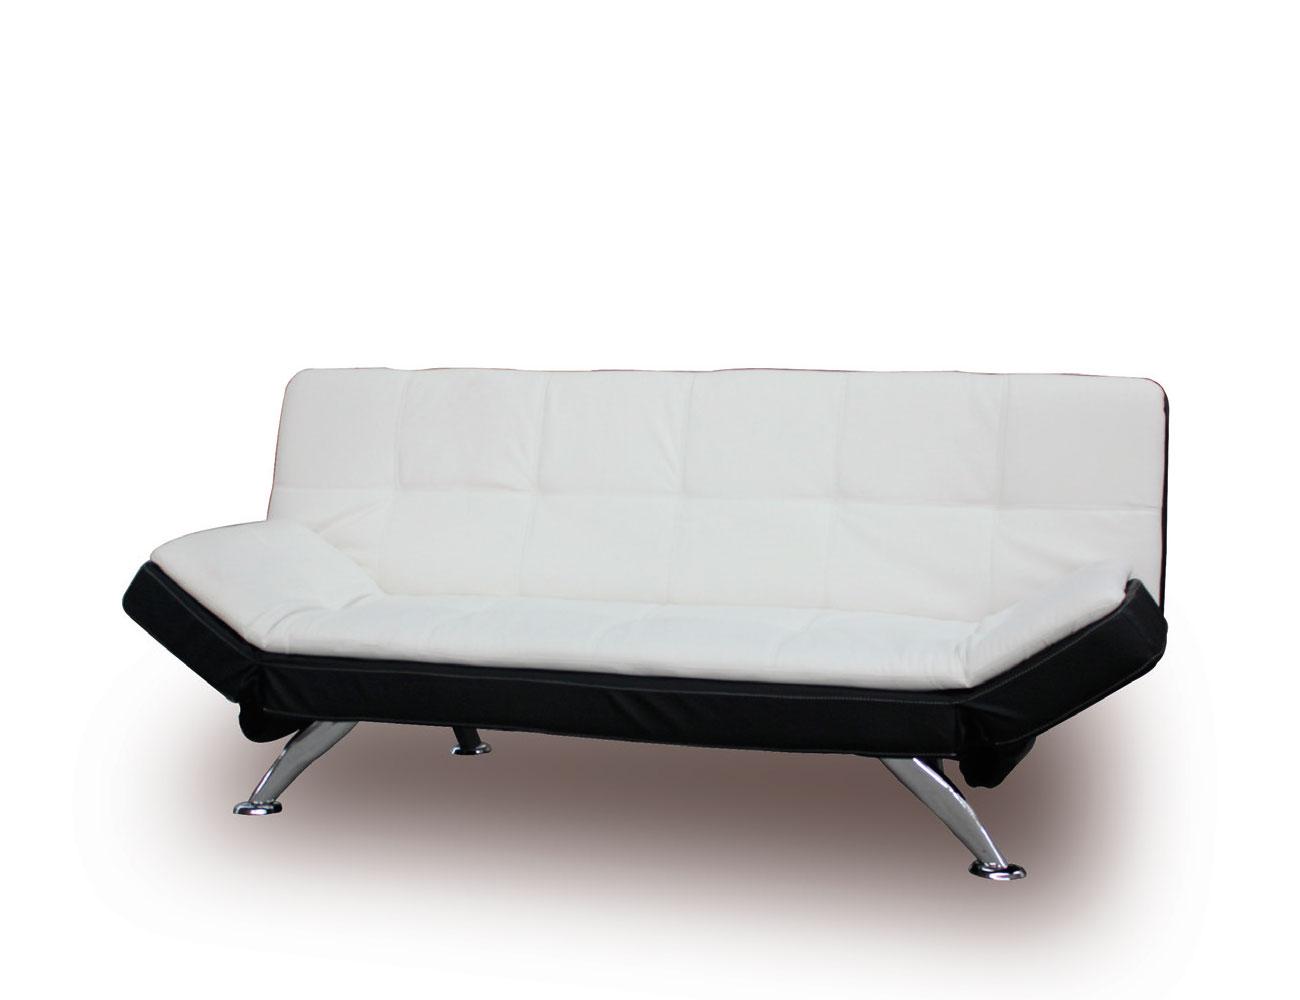 Sofa cama libro brazos regulables